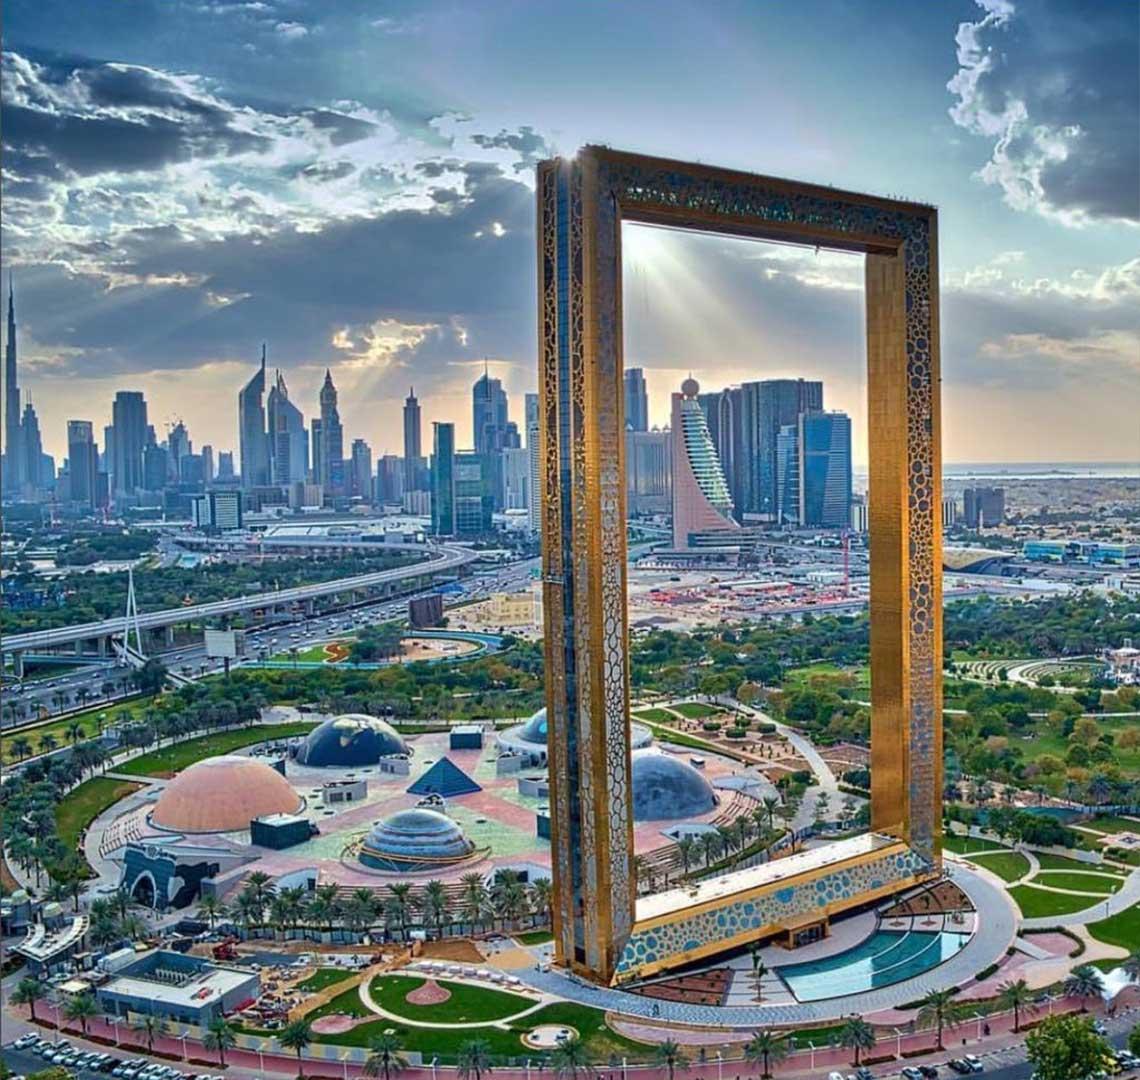 دبی - جاذبههای دبی - توریست - موزه